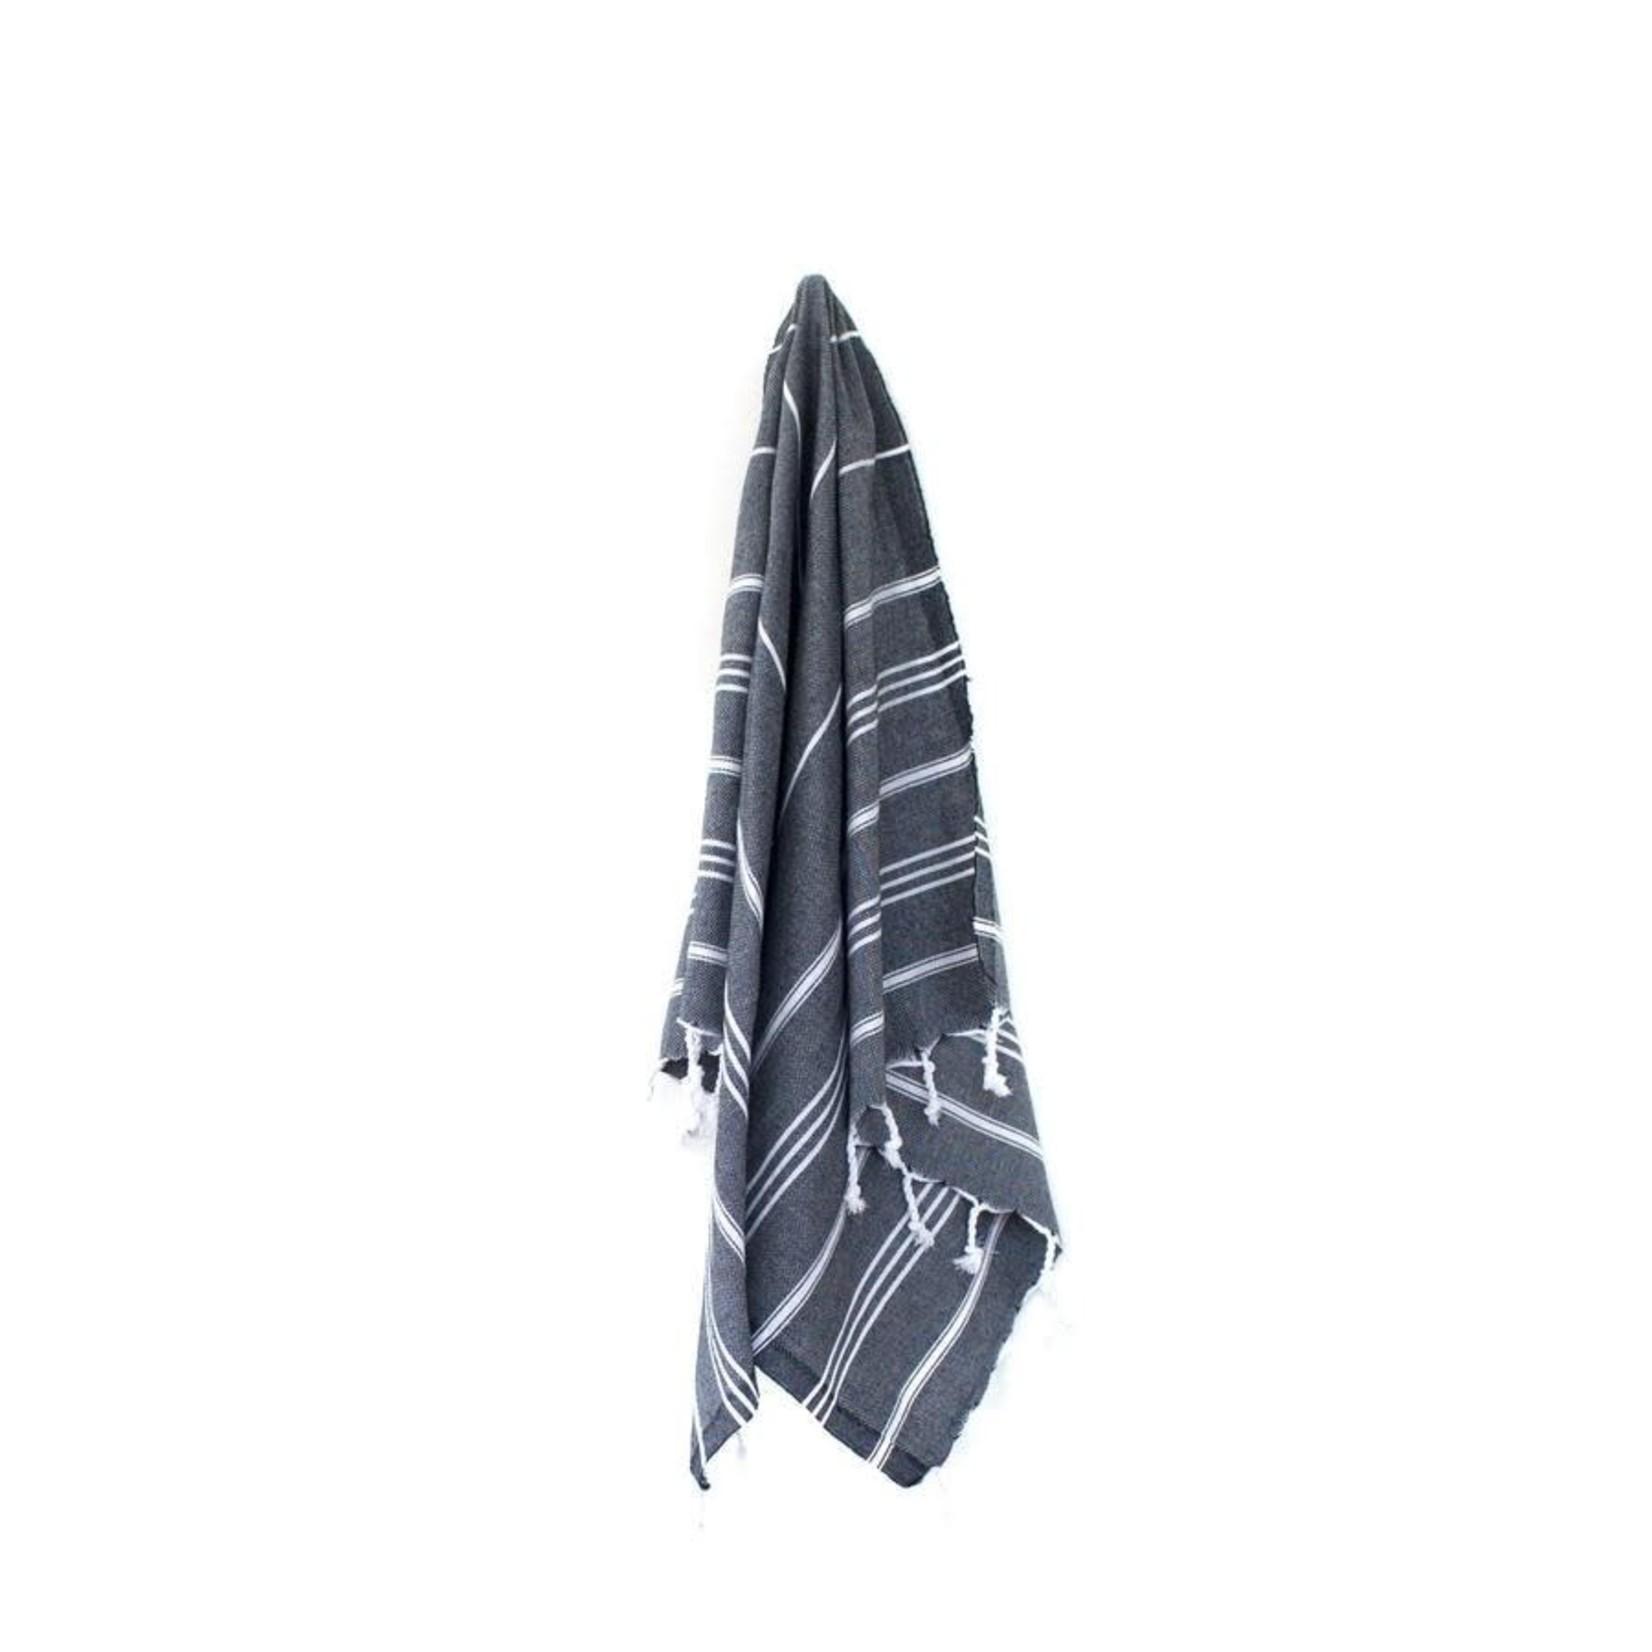 STRAY + WANDER MARIN SMALL TOWEL - BLACK